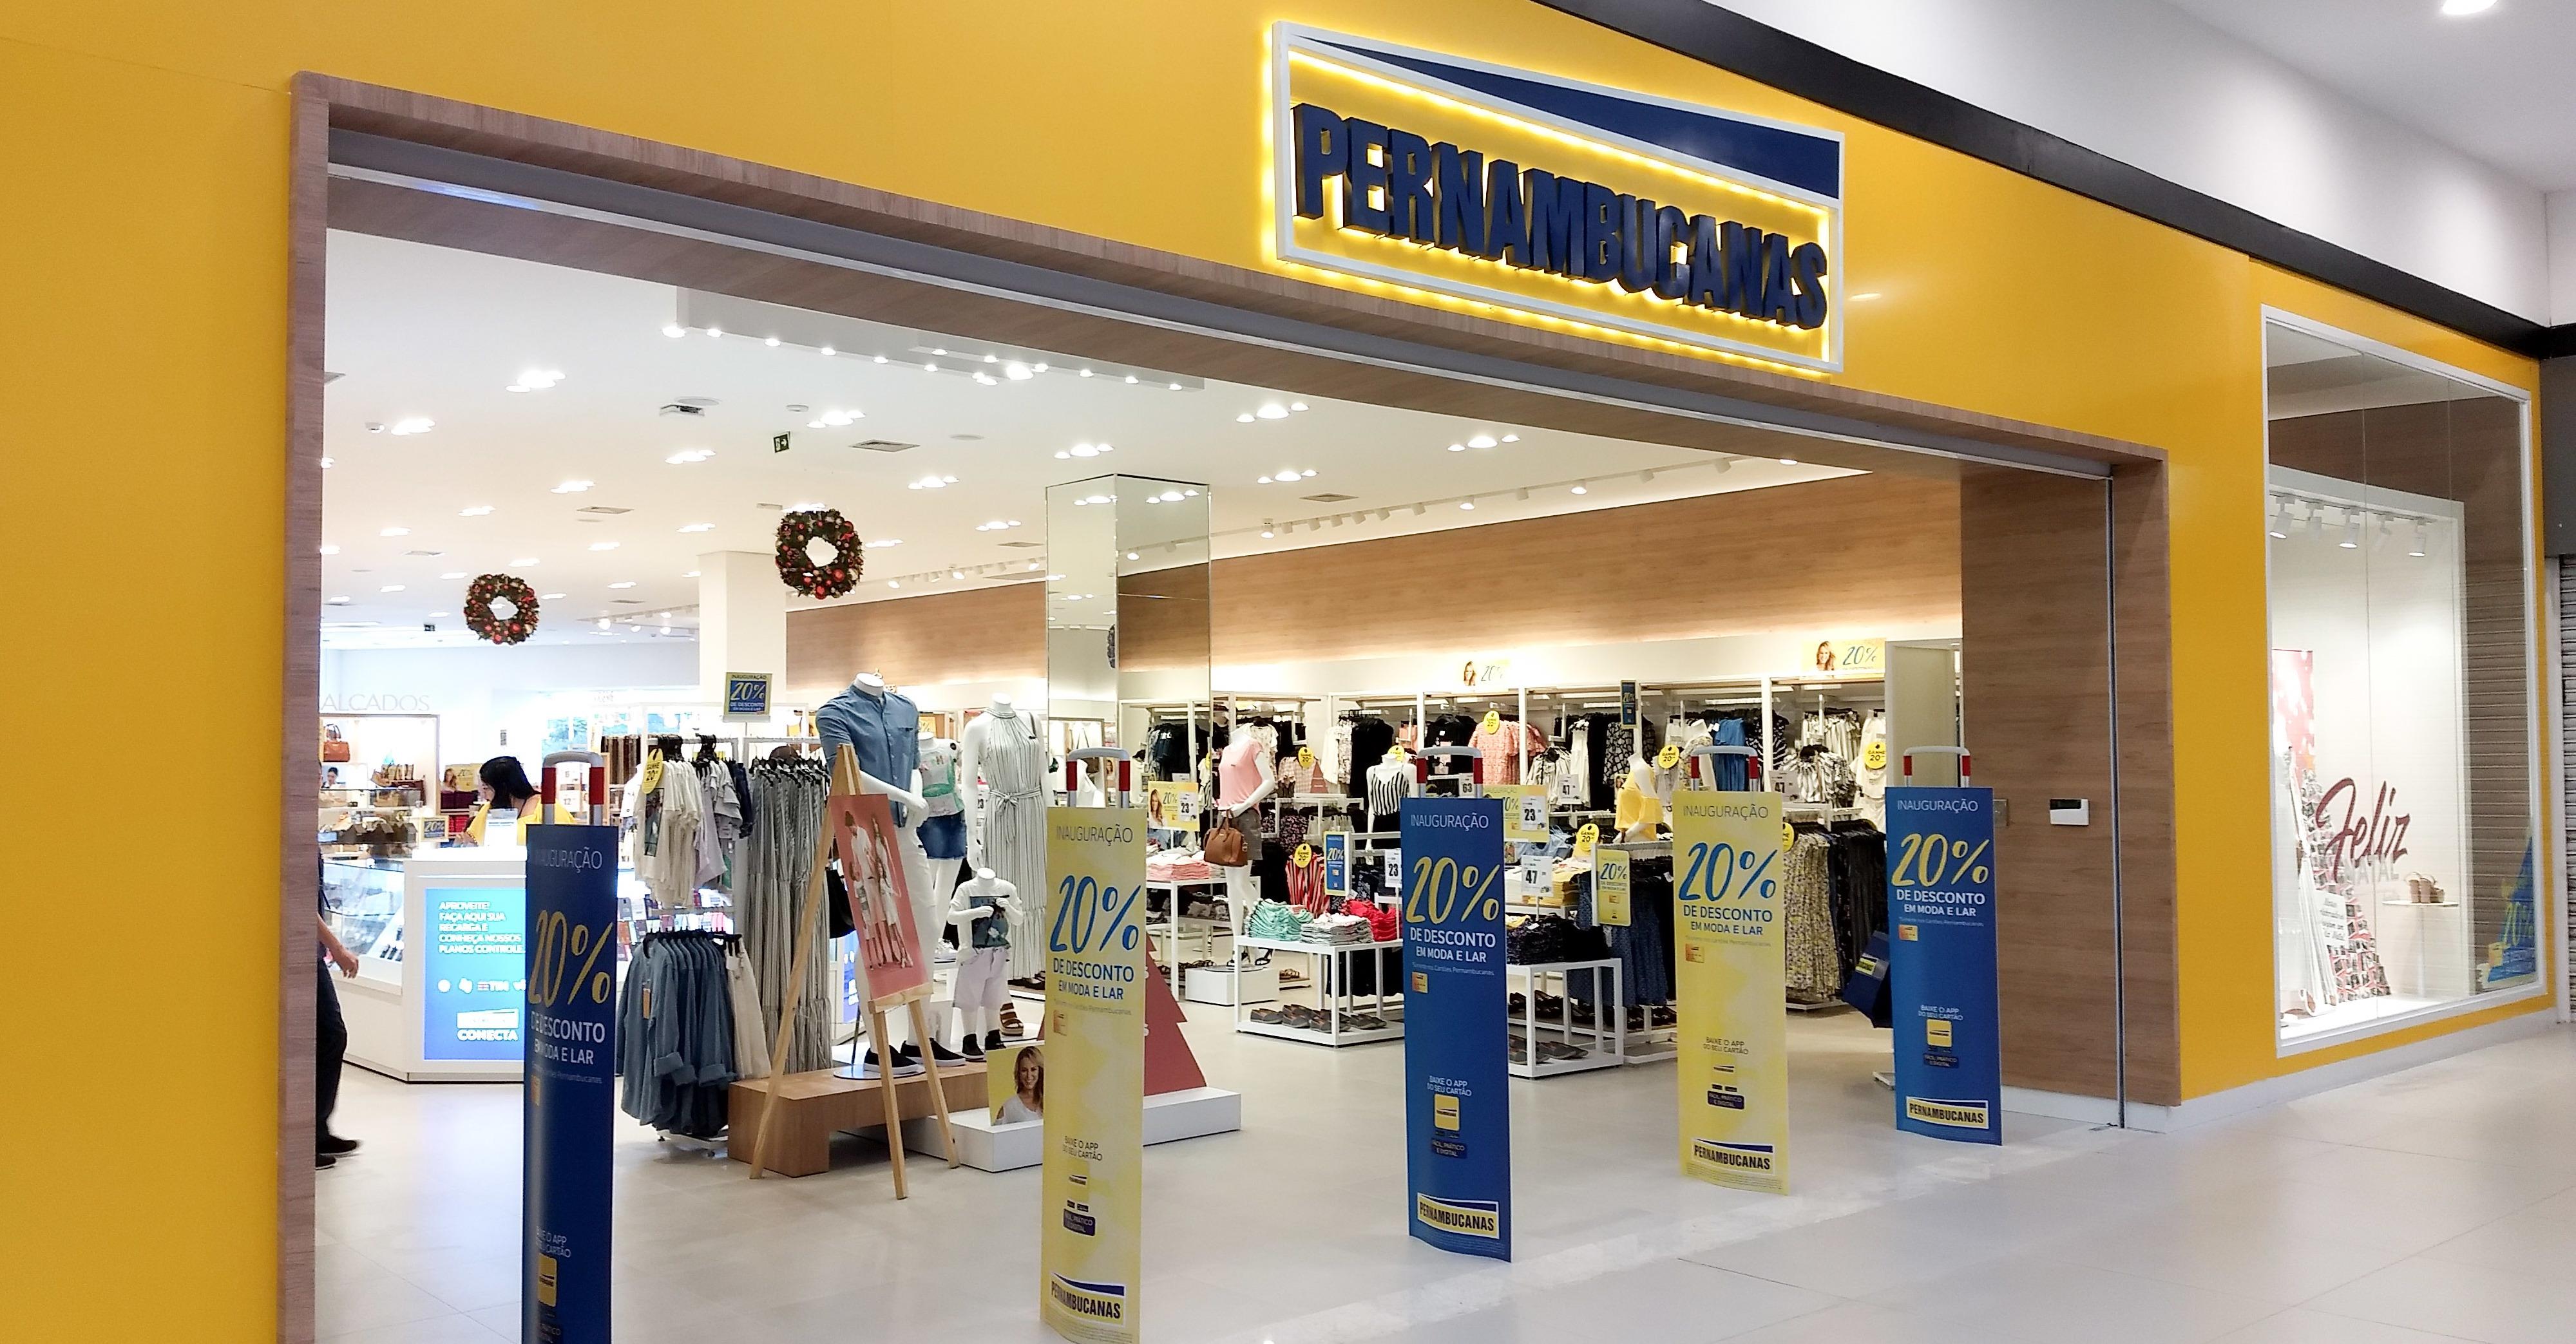 Pernambucanas inaugura no Shopping Cidade Maringá